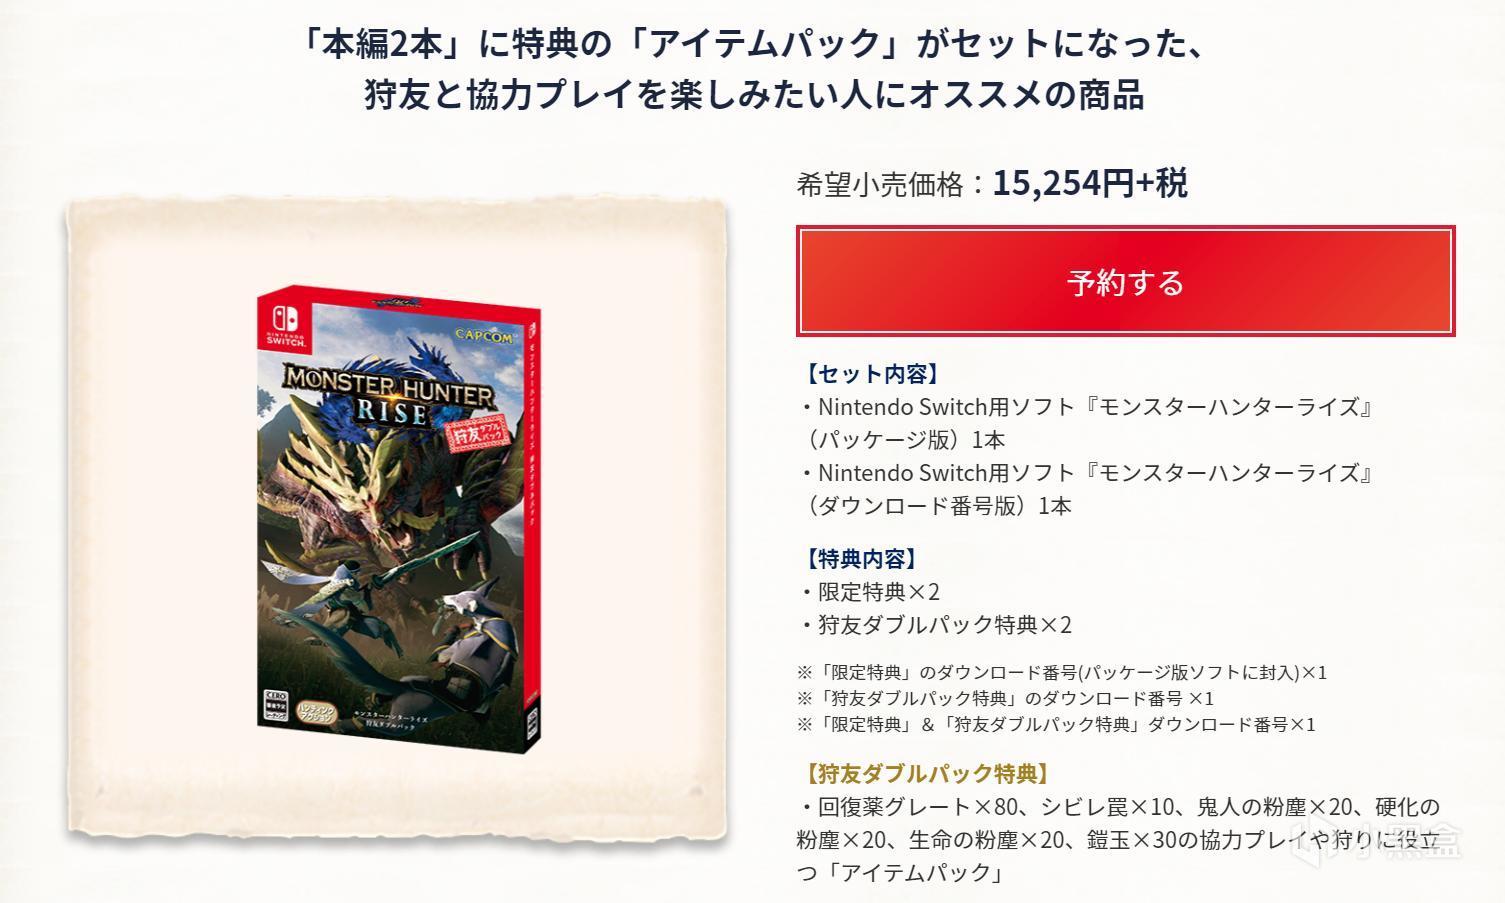 《怪物猎人:崛起》推出狩友同捆版,现已可预购